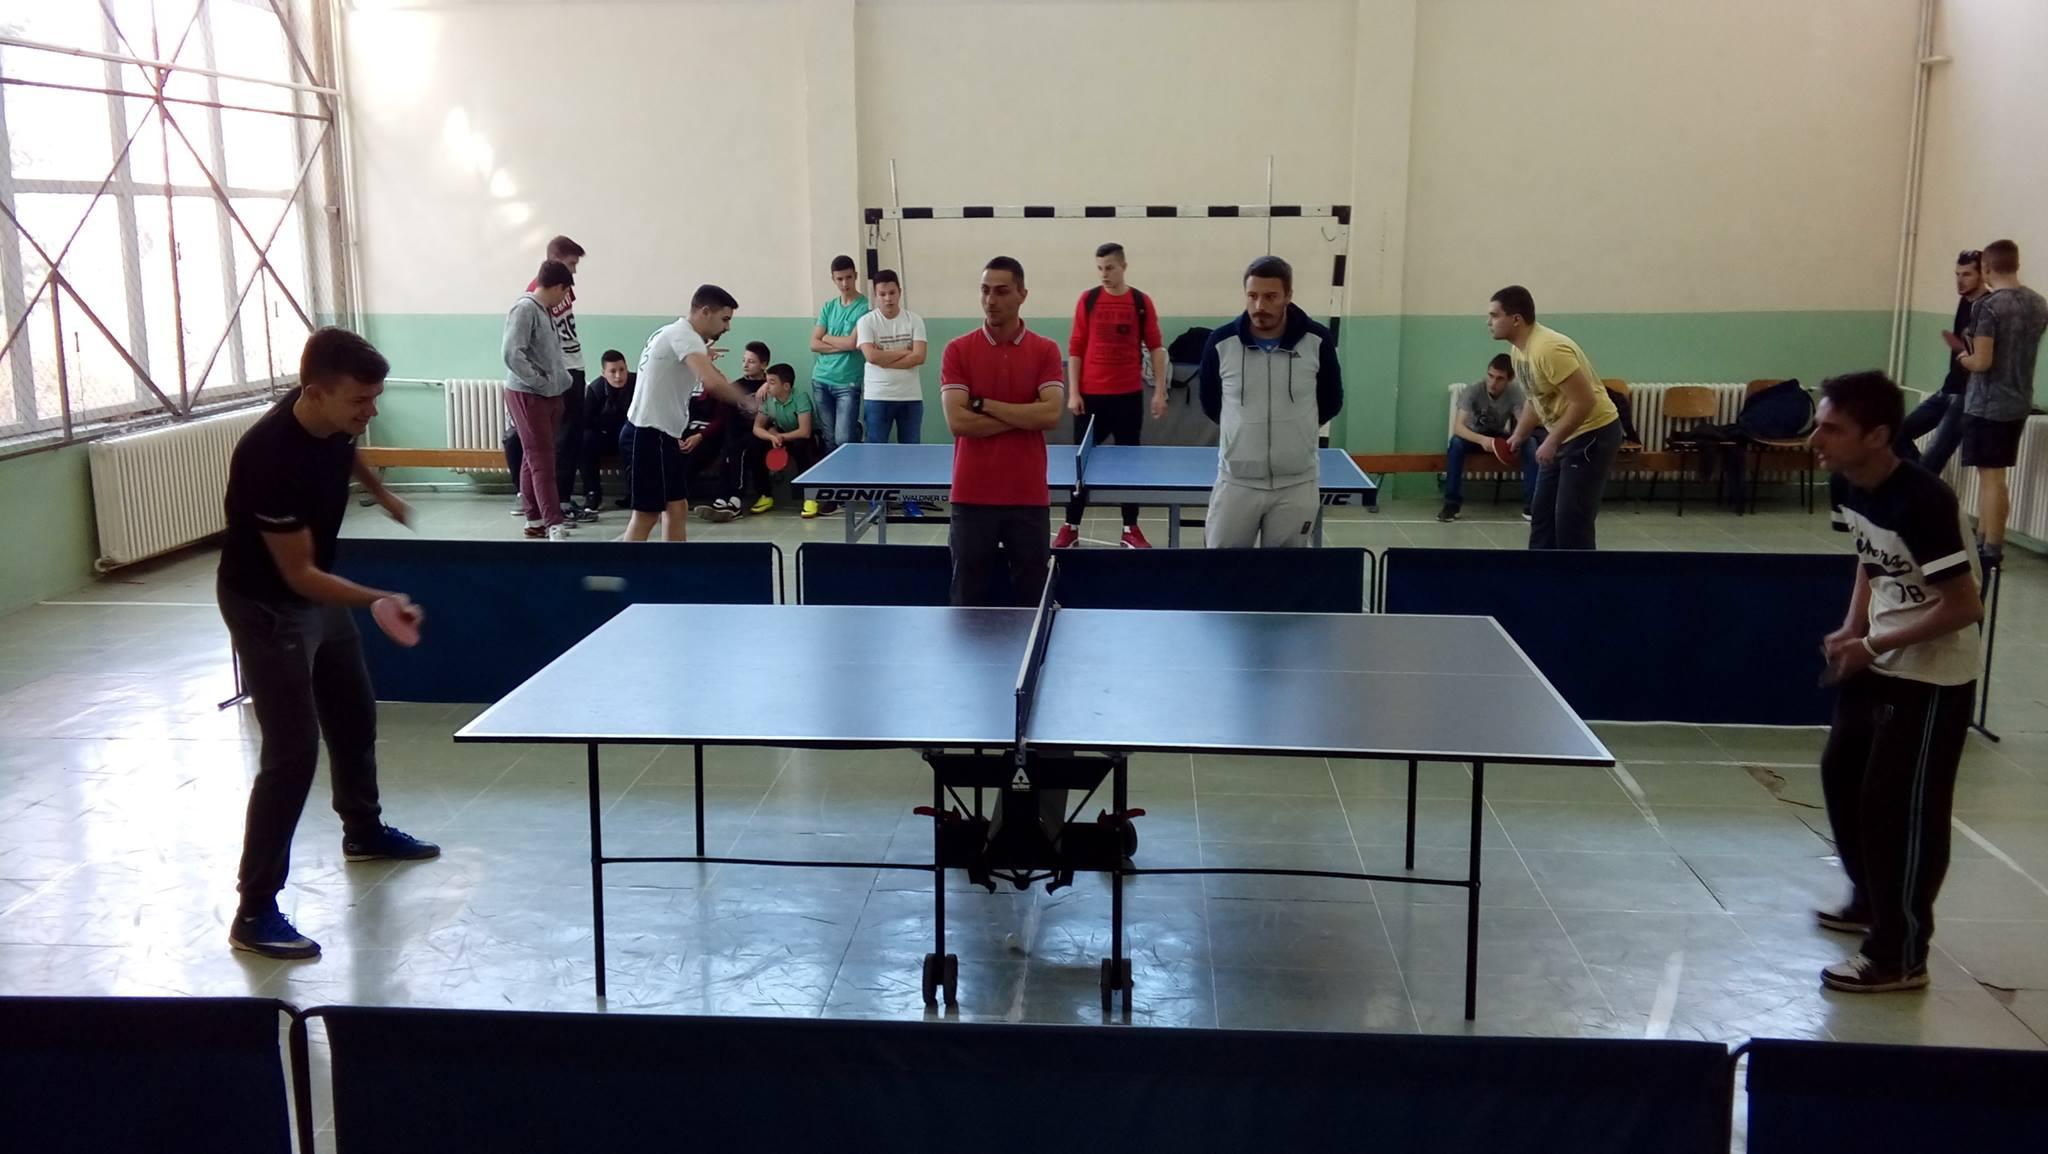 SREDNJA ŠKOLA: Održan turnir u stonom tenisu